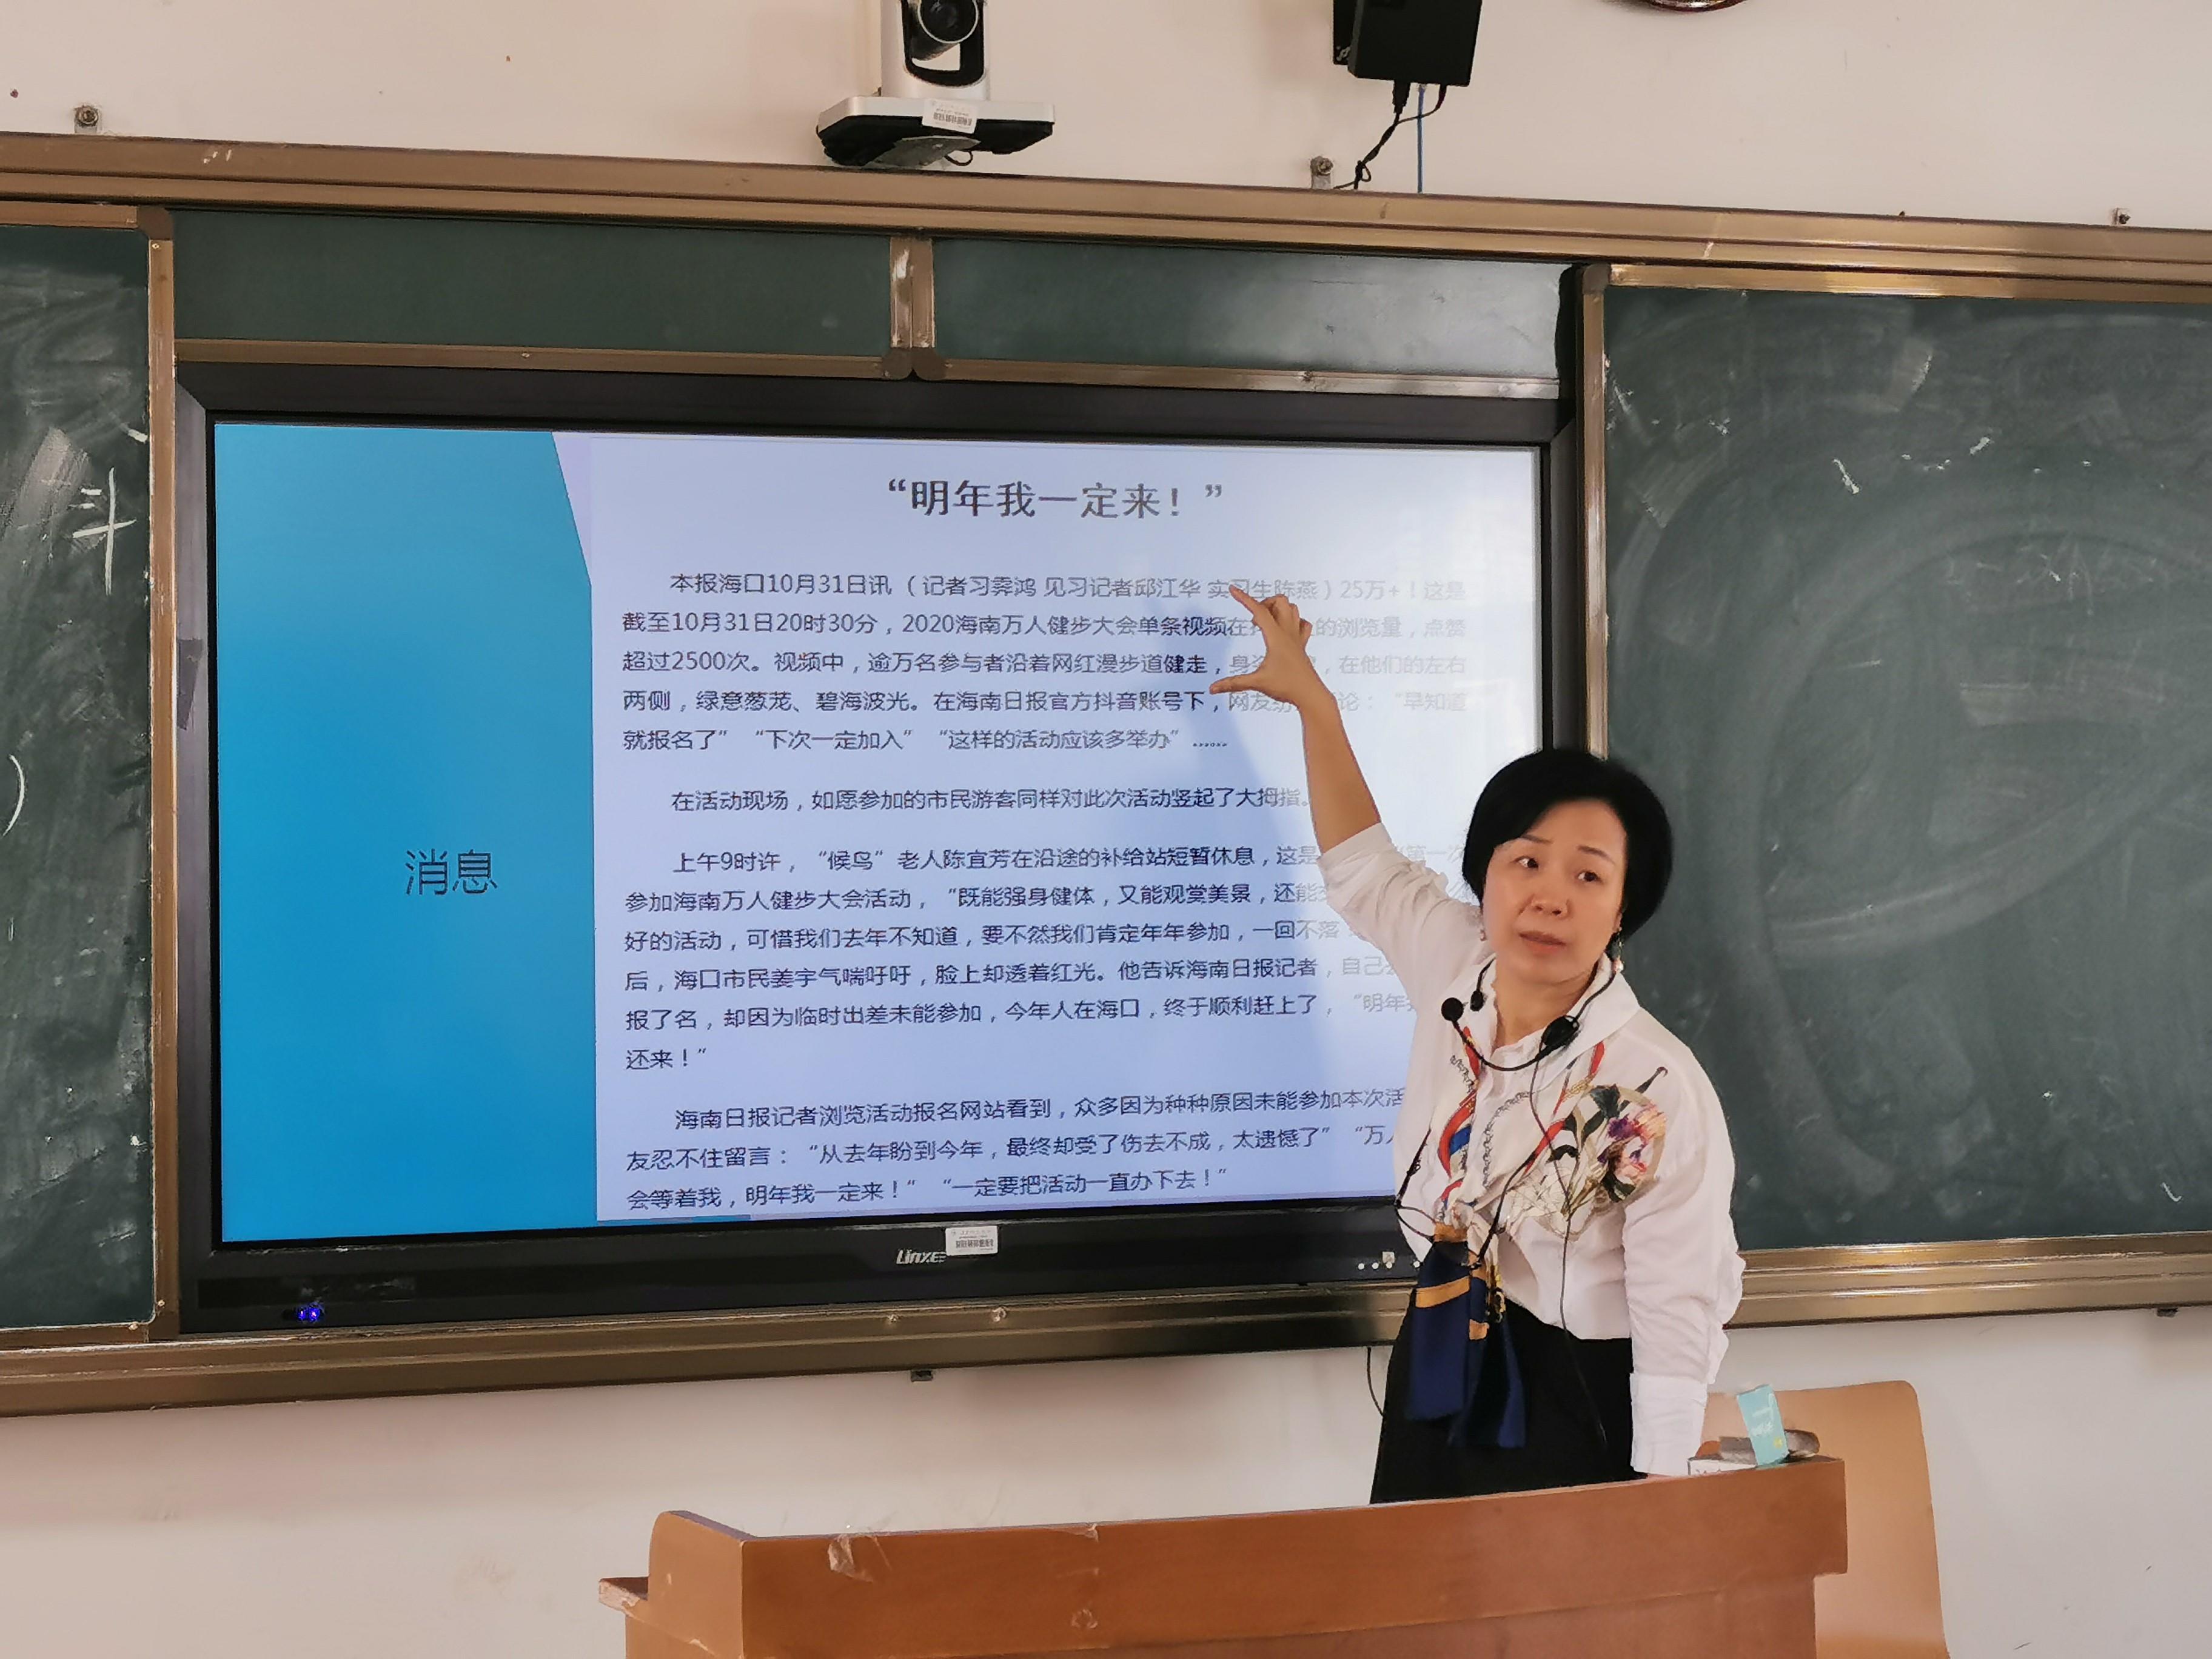 新闻采访与写作专题讲座 ——卓兰花老师专业知识讲座